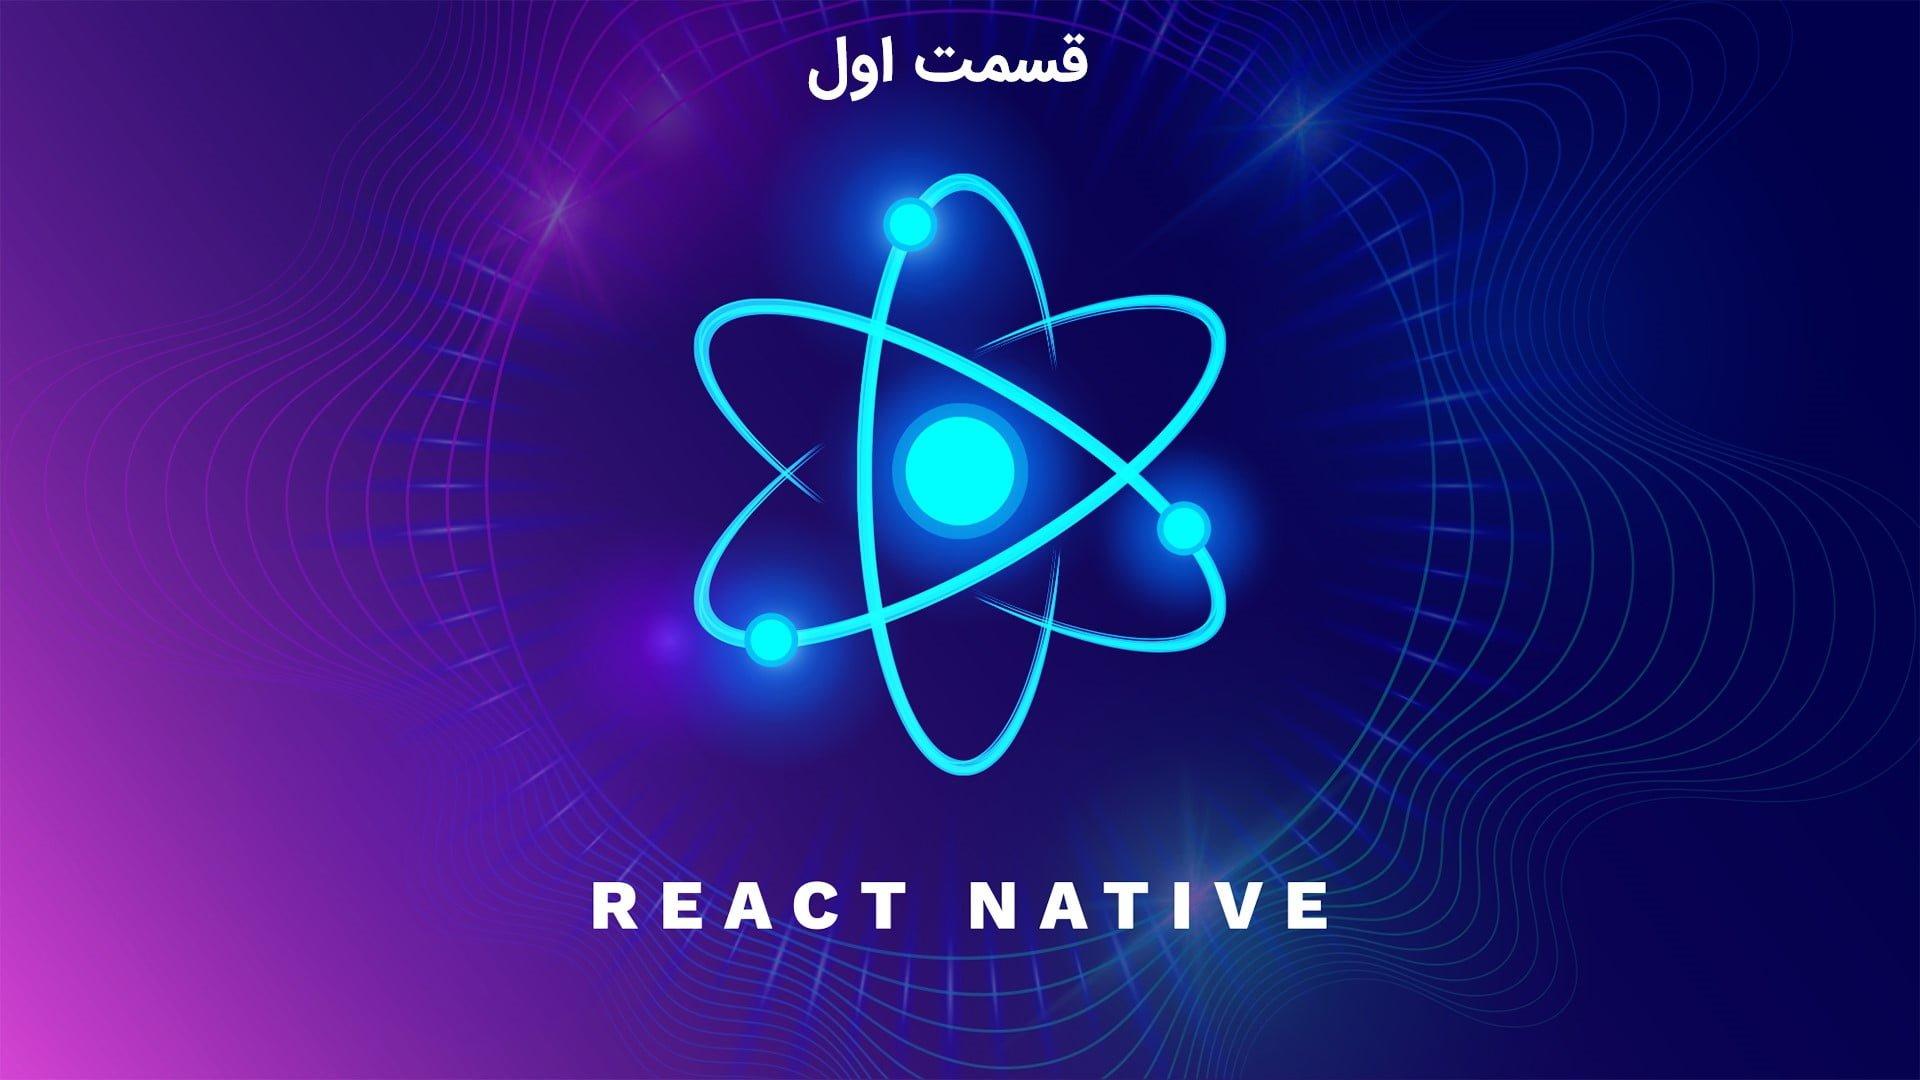 آموزش جامع React Native از سری CodeWithMosh - آموزش جامع React Native - دوره های ماش همدانی